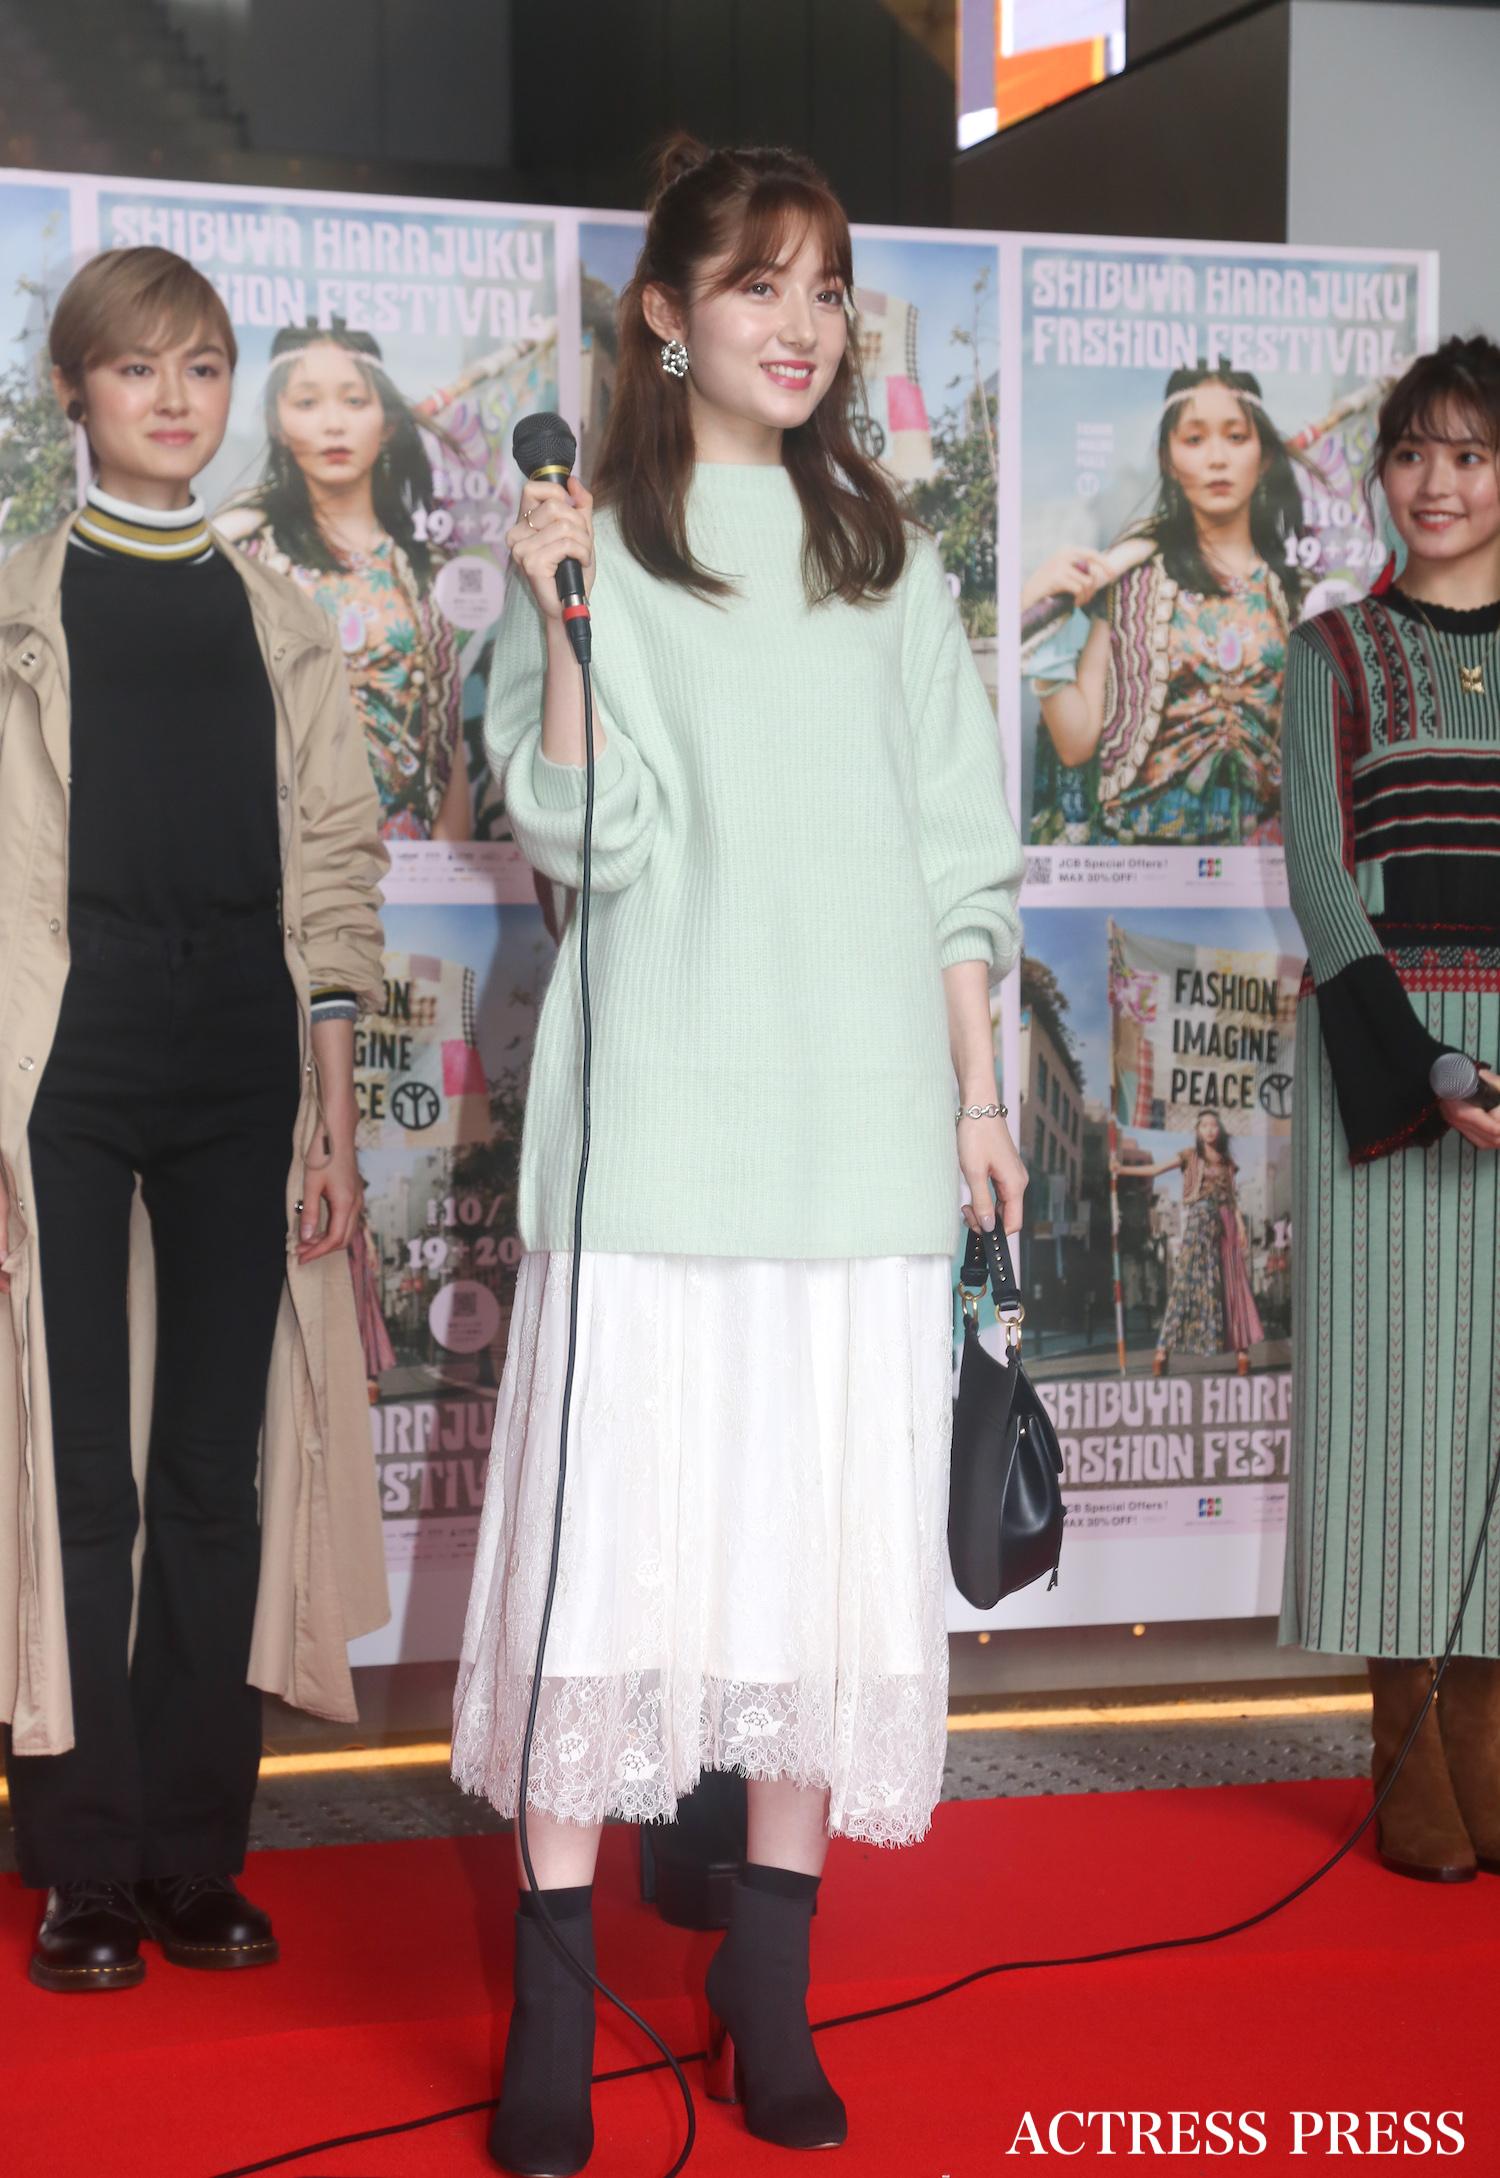 ティファニー春香/2019年10月19日、SHIBUYA HARAJUKU FASHION FESTIVAL/撮影:ACTRESS PRESS編集部